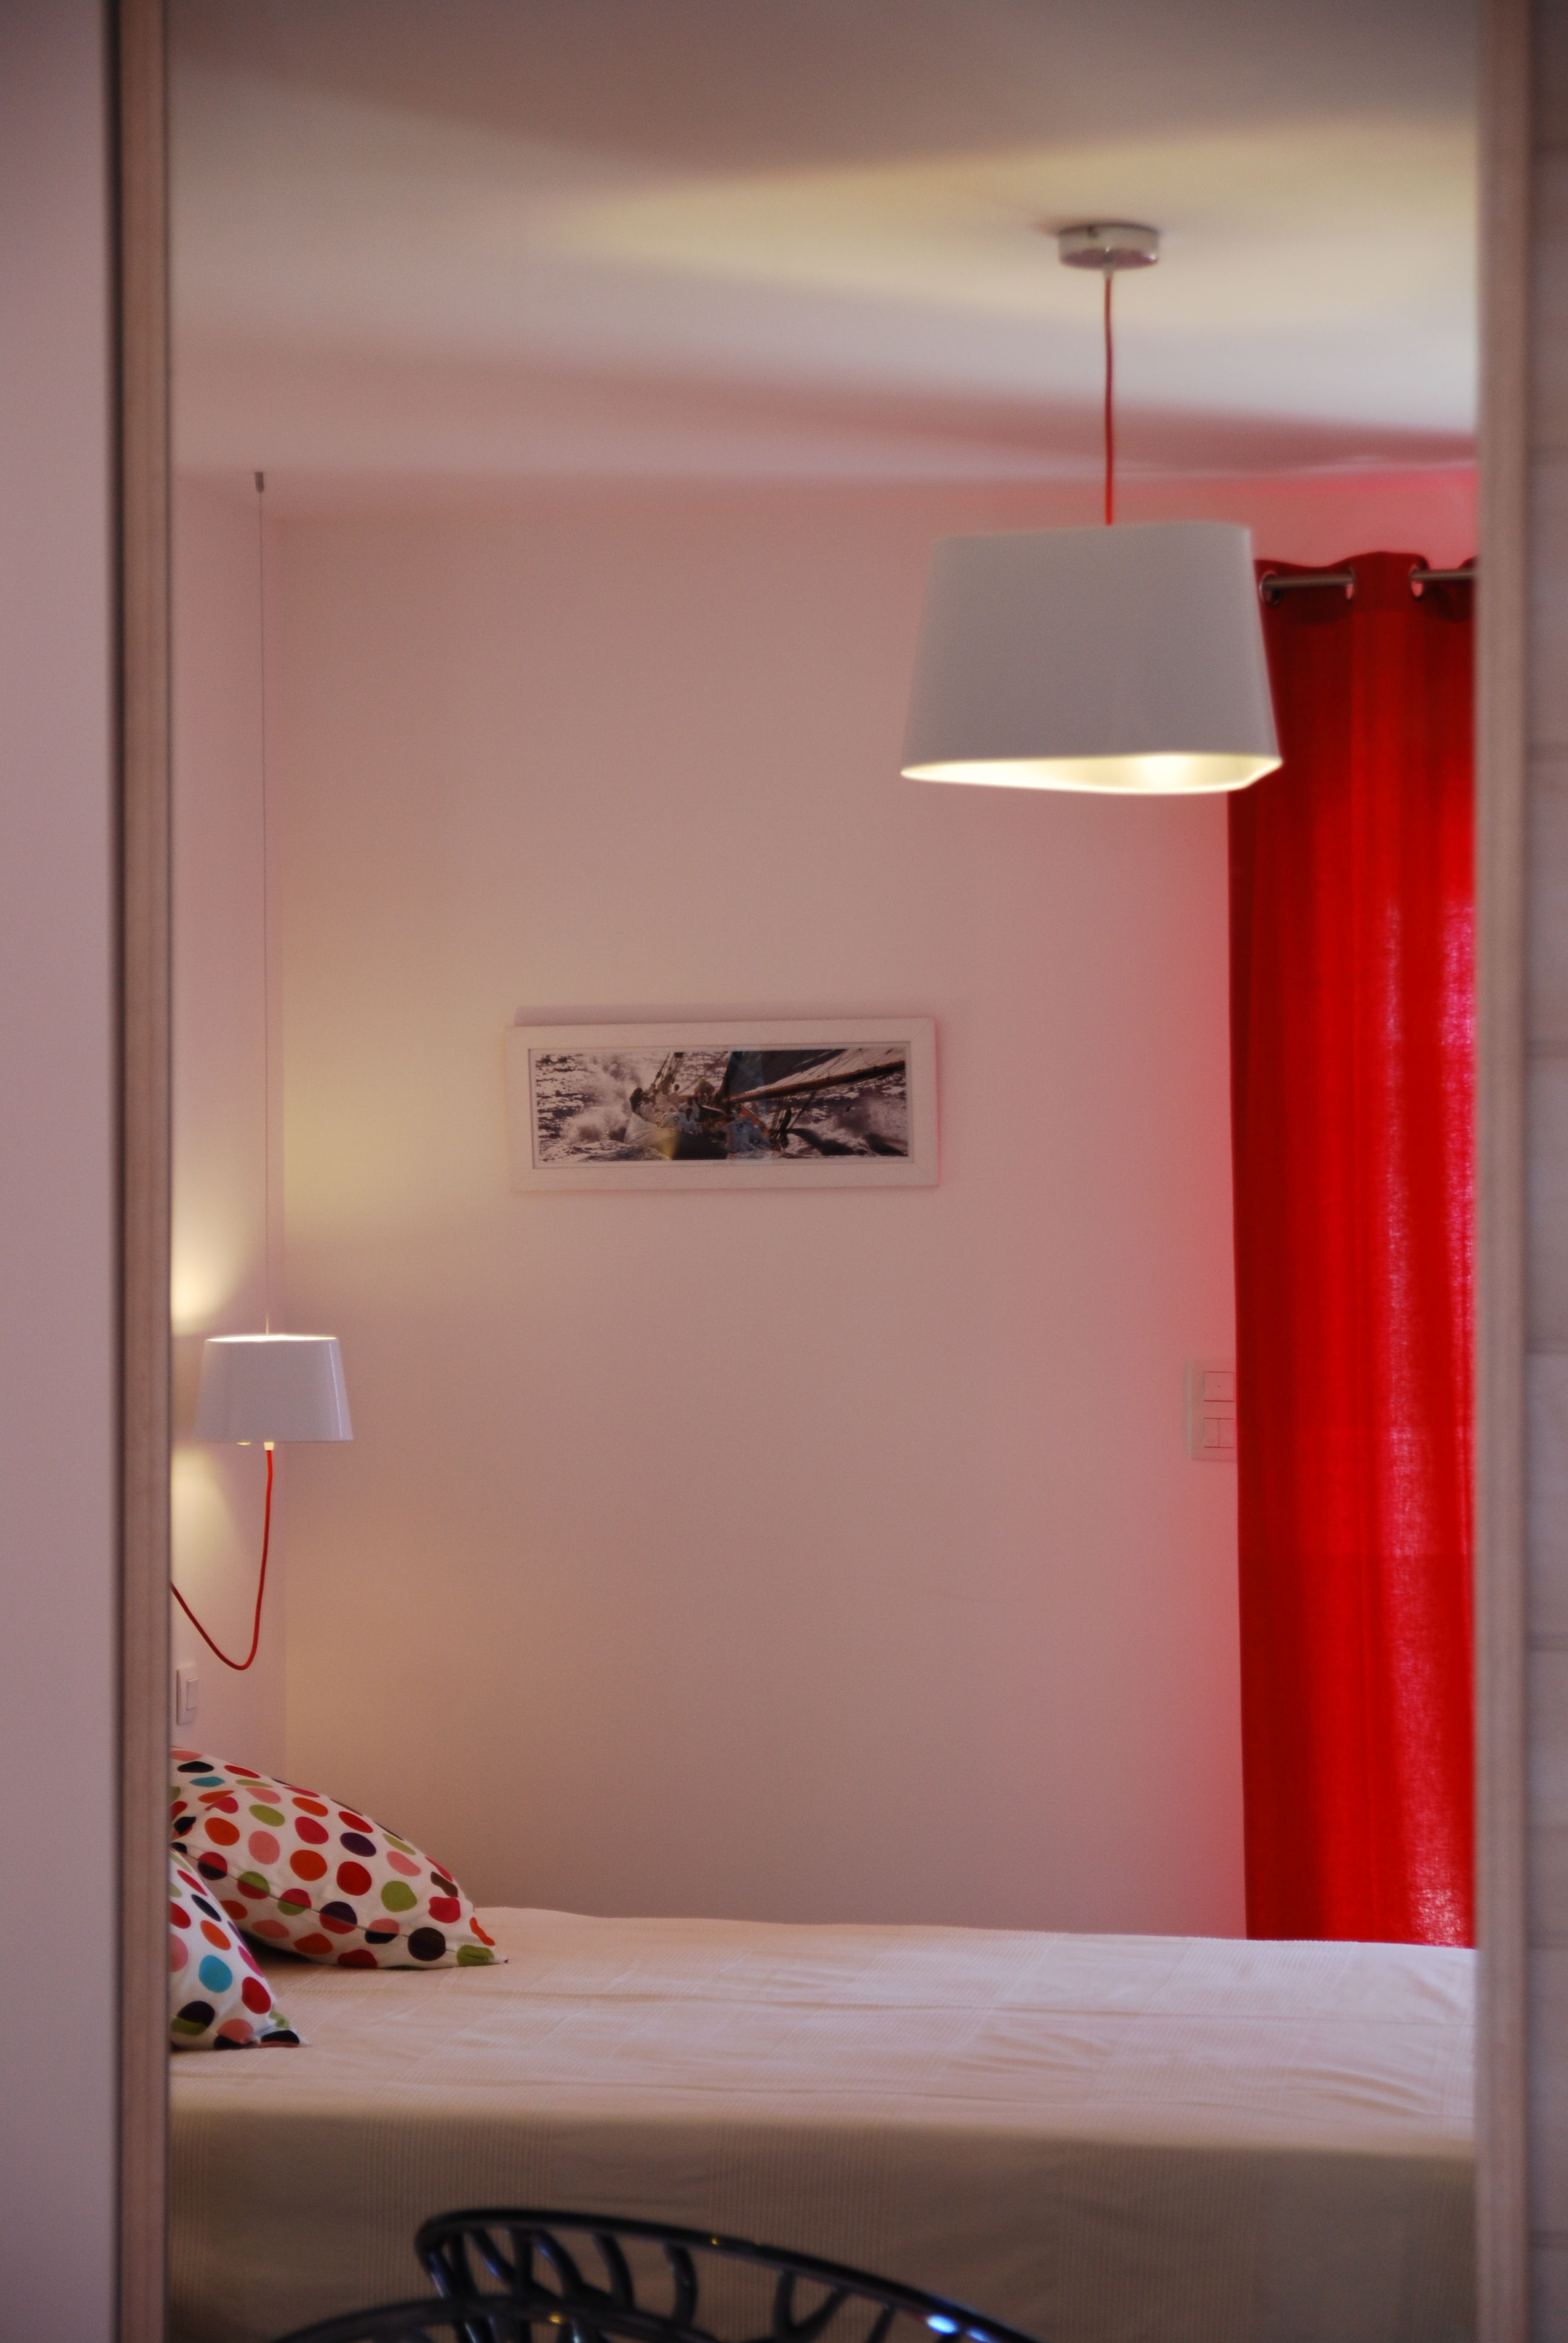 Applique petit nuage l 24 cm fixation au plafond tissu blanc avec bordure - Hotel avec miroir au plafond ...